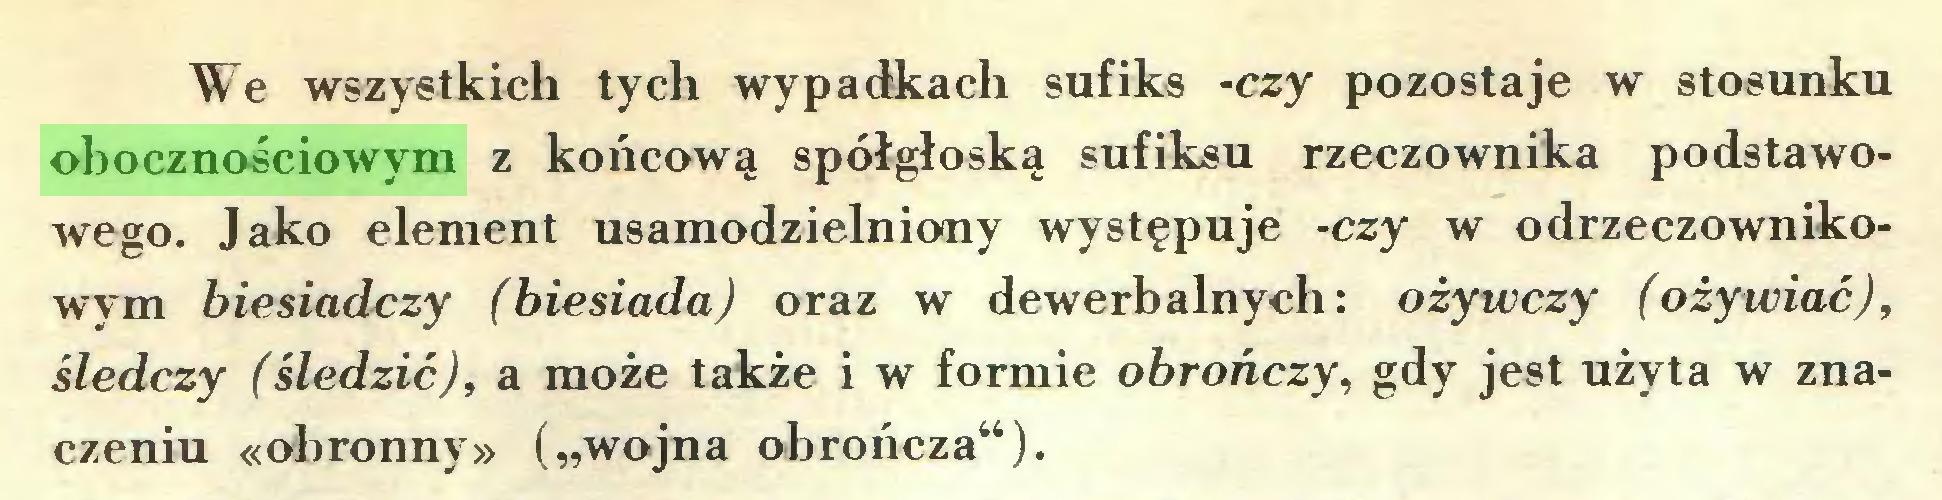 """(...) We wszystkich tych wypadkach sufiks -czy pozostaje w stosunku obocznościowym z końcową spółgłoską sufiksu rzeczownika podstawowego. Jako element usamodzielniony występuje -czy w odrzeczownikowym biesiadczy (biesiada) oraz w dewerbalnych: ożywczy (ożywiać), śledczy (śledzić), a może także i w formie obrończy, gdy jest użyta w znaczeniu «obronny» (""""wojna obrończa"""")..."""